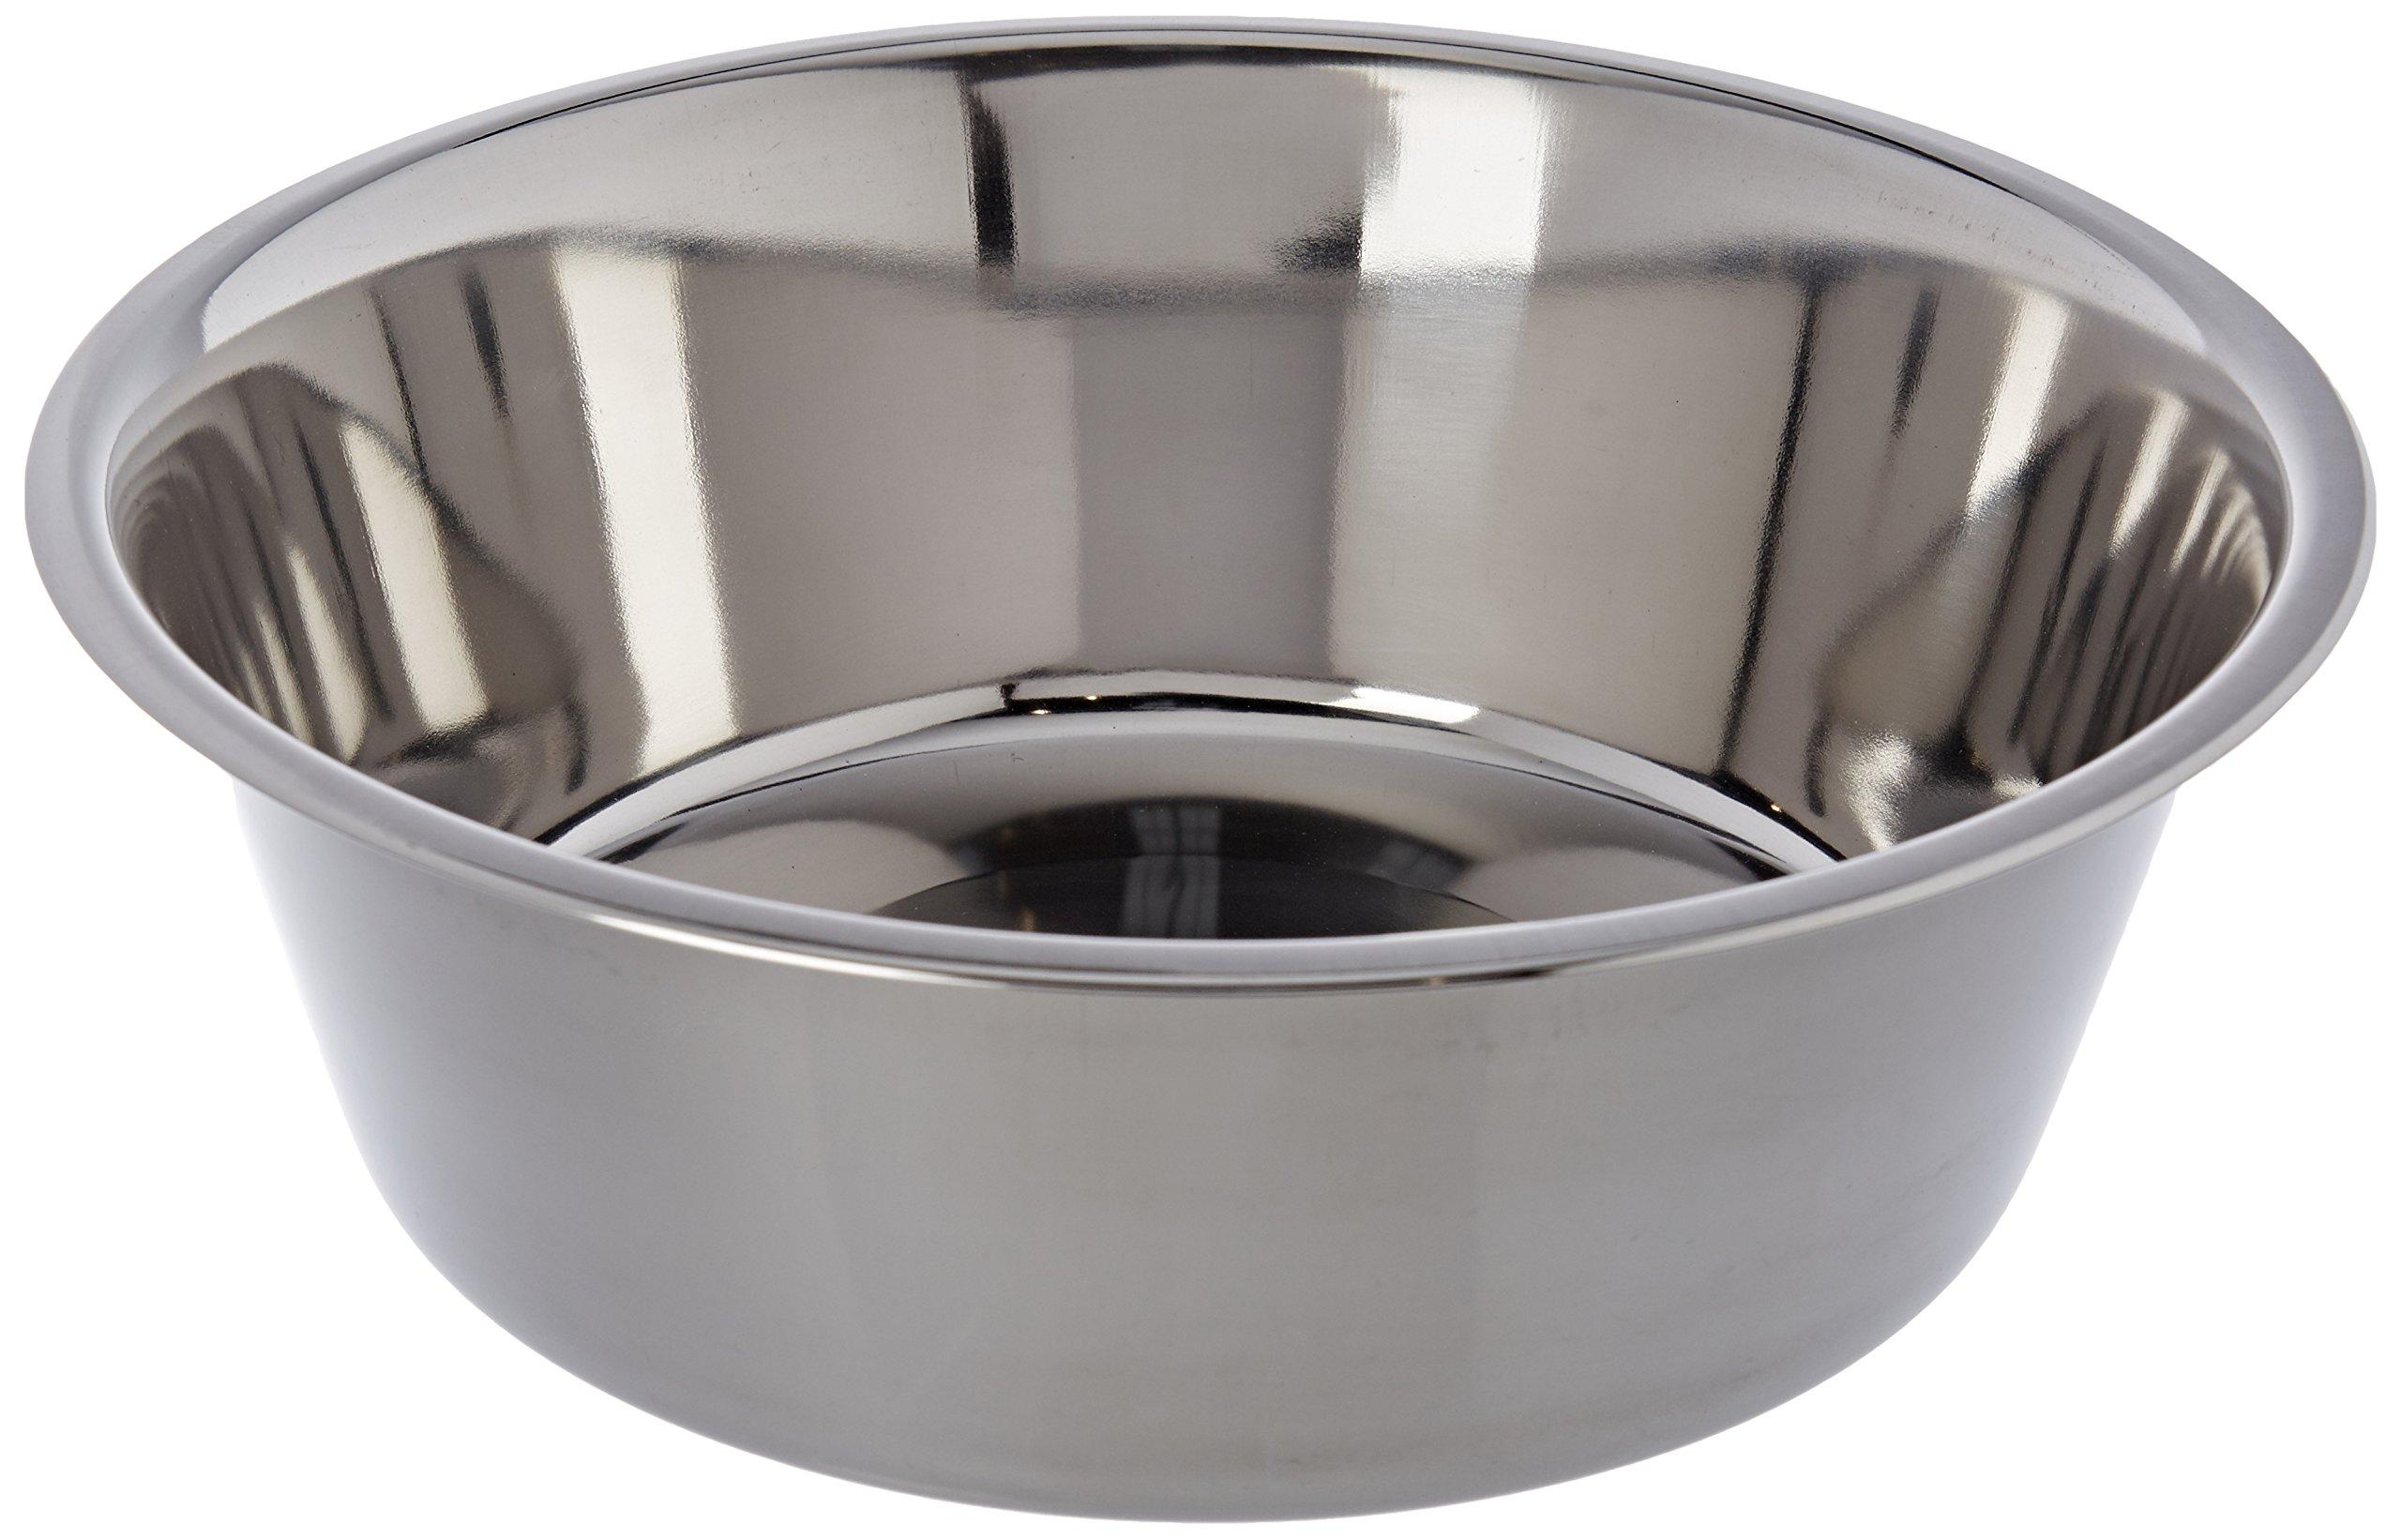 Comedero perros de acero inoxidable aprox. 4000 ml product image